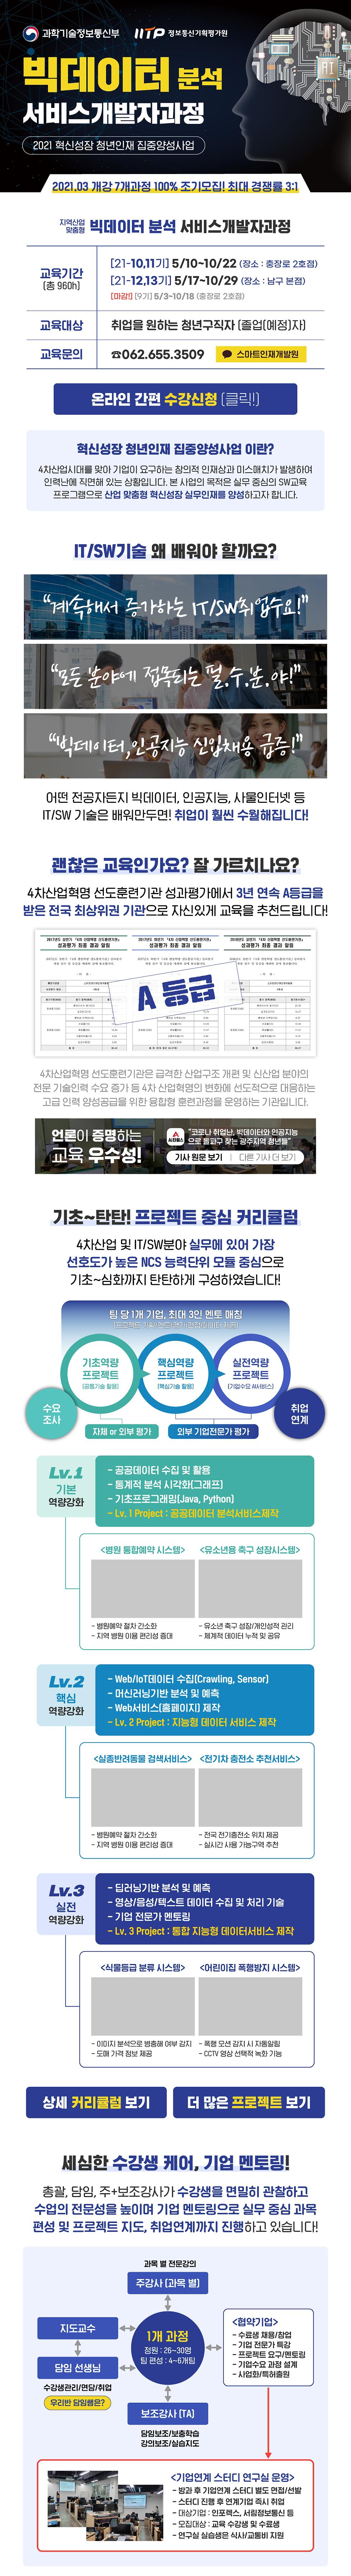 패캠모티브(2021혁신-빅데이터).png